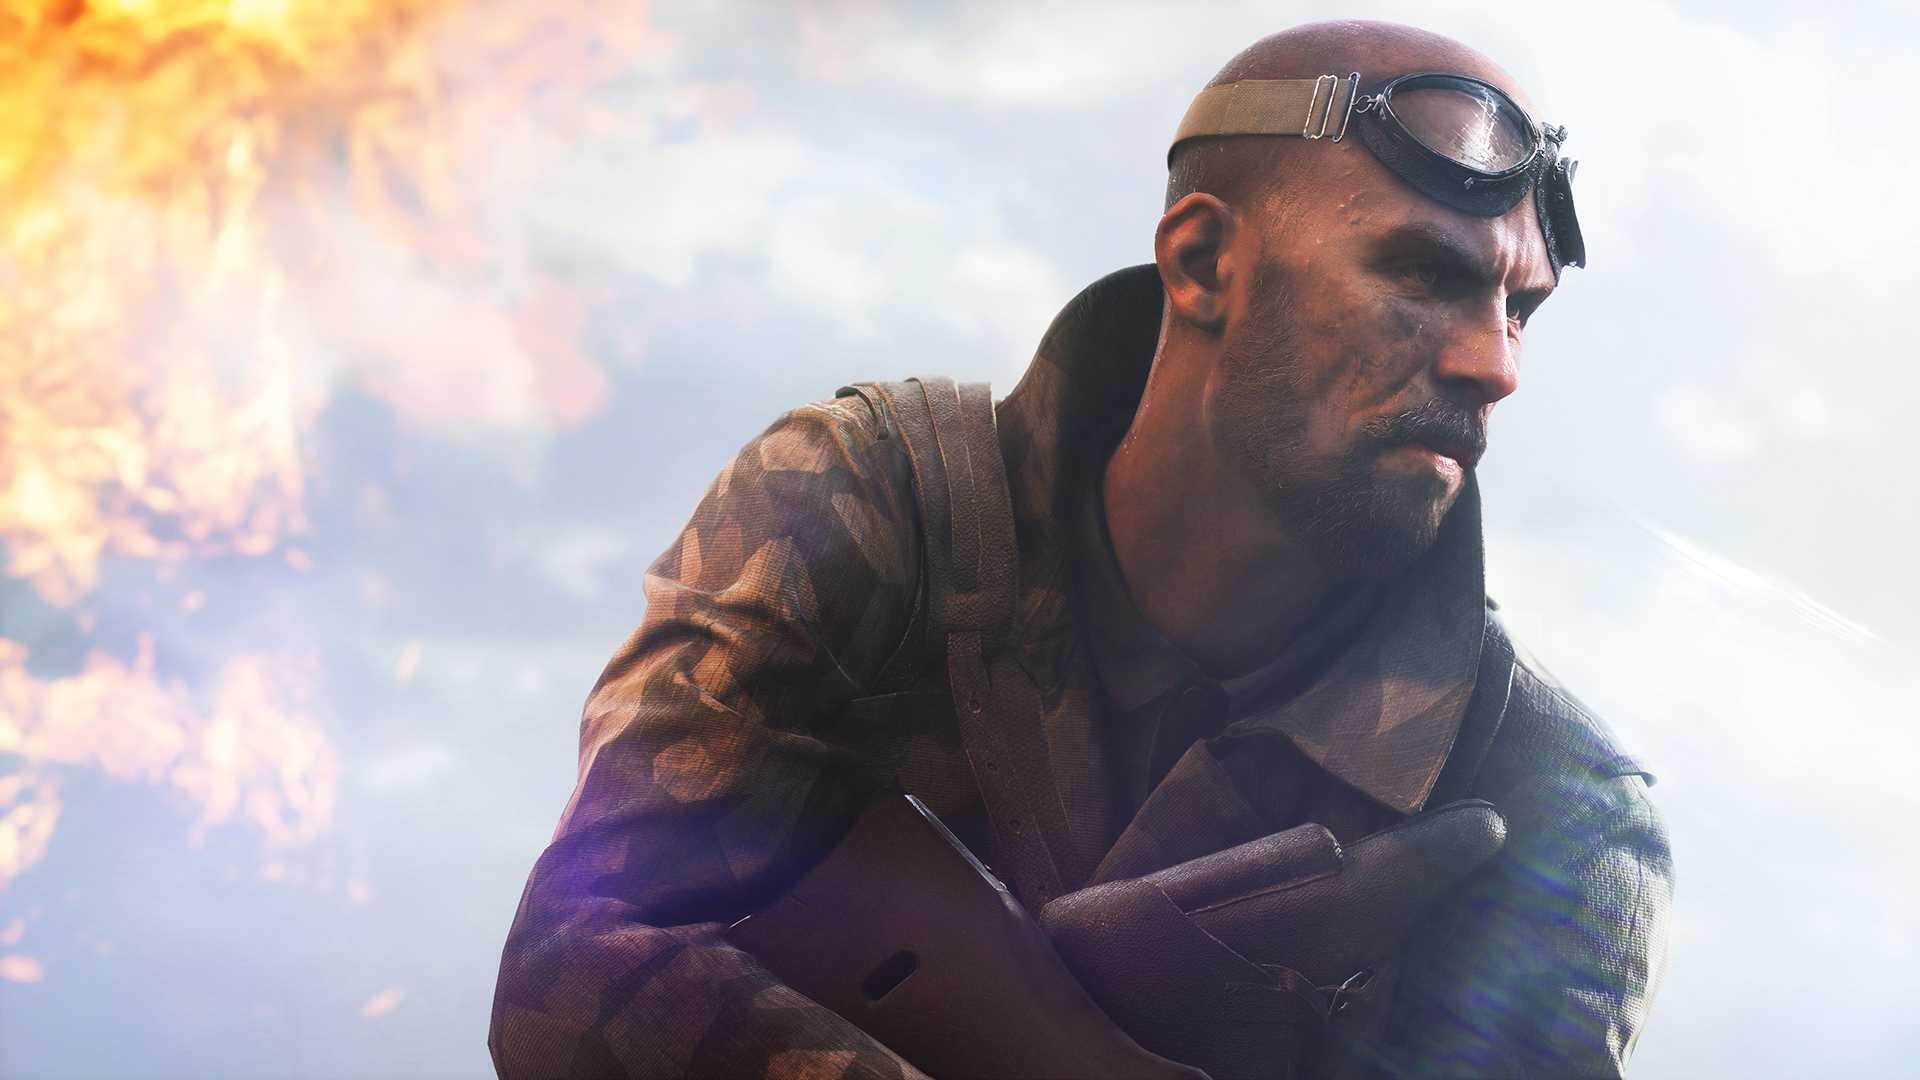 На иллюстрации изображена сцена из игры Battlefield V: боец в видоизменённой игроком форме готовится к атаке